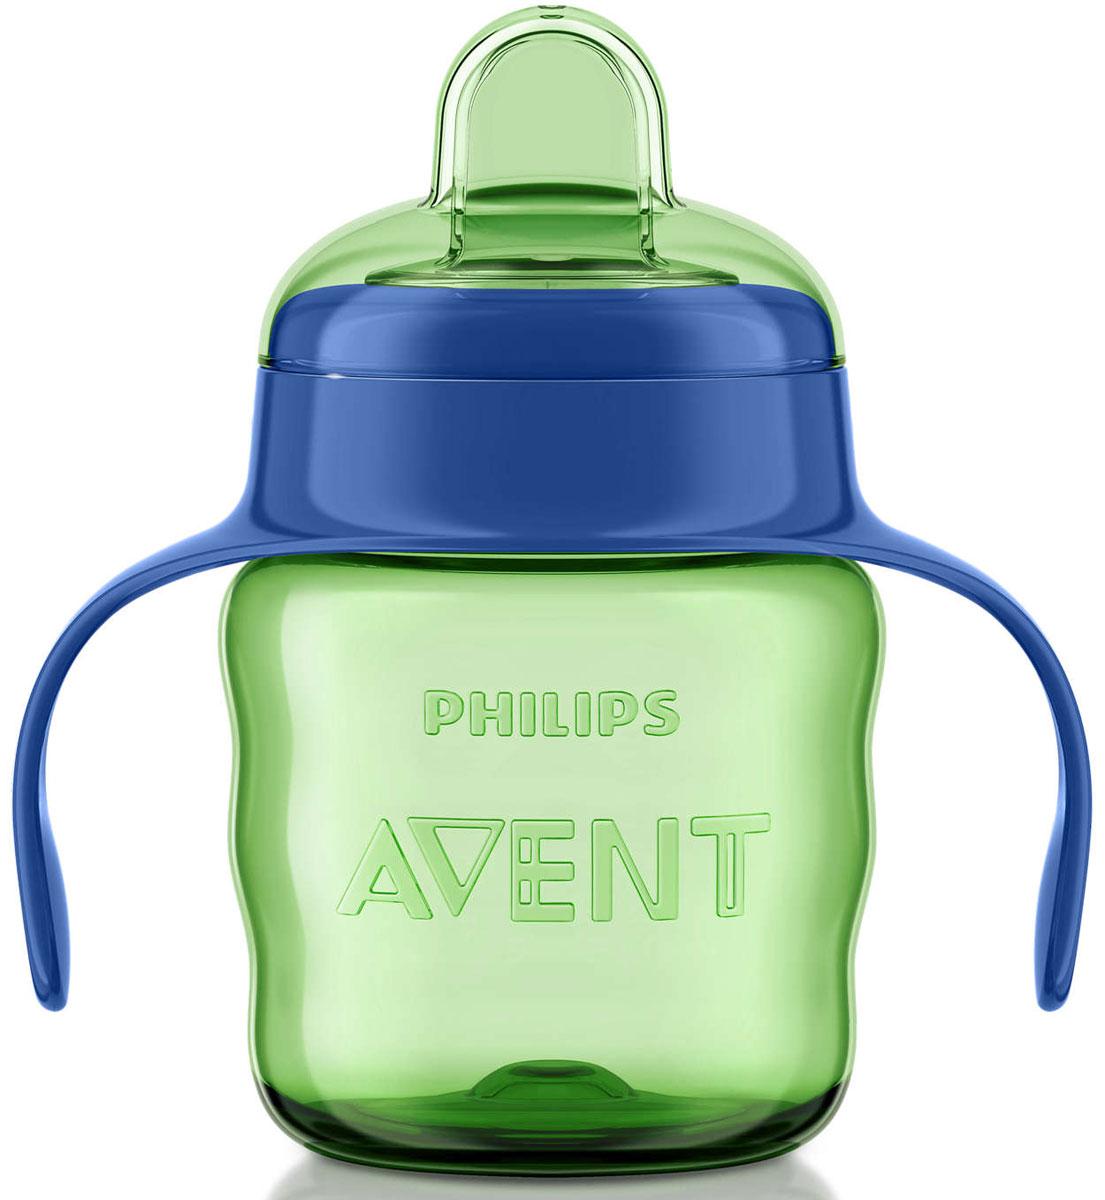 Philips Avent Чашка-поильник Comfort от 6 месяцев цвет салатовый синий 200 мл SCF551/00SCF551/00Чашка-поильник Philips Avent Comfort станет отличным помощником для малышей и их мам. Мягкий силиконовый носик облегчает питье, а немногочисленные детали значительно упрощают процесс очистки. Из цельного силиконового носика очень удобно пить: жидкость подается при надавливании на носик. Клапан встроен в носик, что ускоряет и облегчает сборку. Встроенный клапан предотвращает протекание. Удобный захват: форма контейнера чашки разработана специально для маленьких ручек. Изделие оснащено двумя ручками, чтобы малышу было удобно самому держать в руках. Чашка-поильник изготовлена из материала, не содержащего бисфенол-А. Все детали можно мыть в посудомоечной машине.